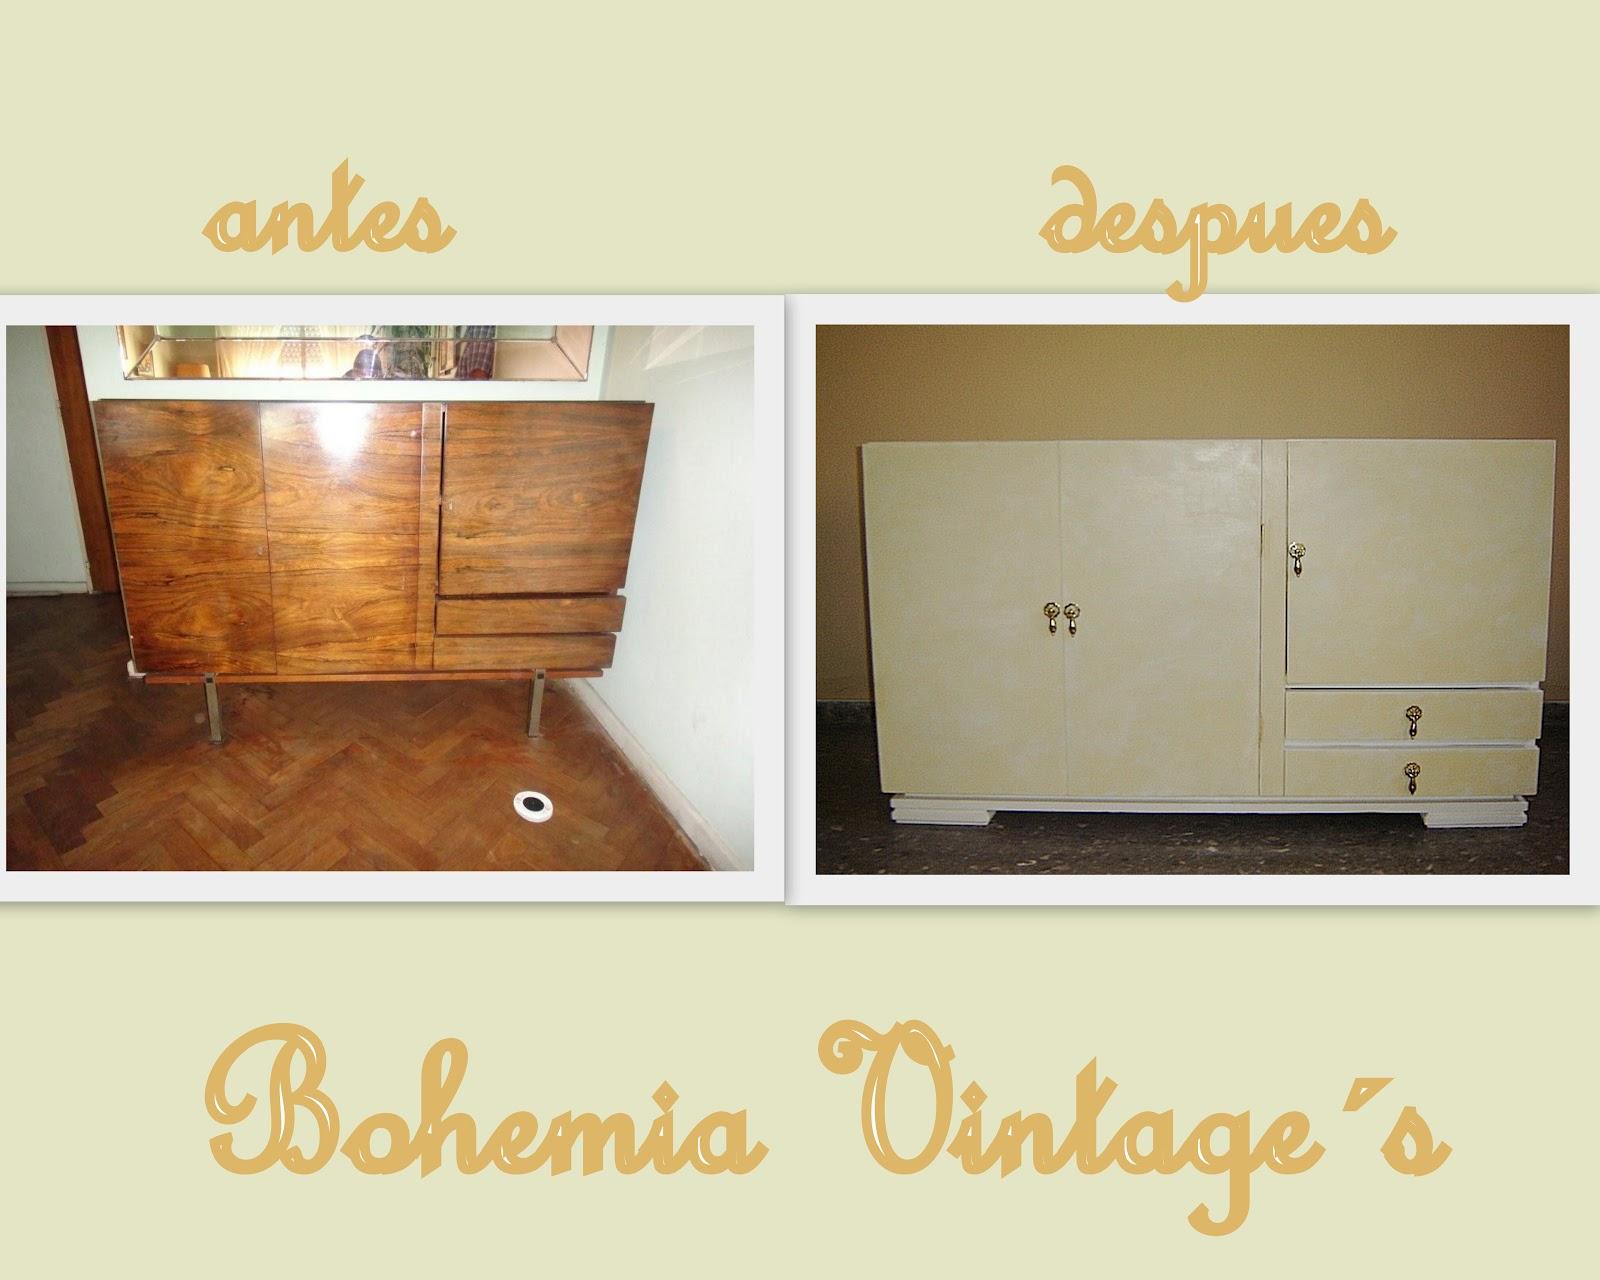 Entre tiempos y bohemia mueble a os 50 reciclado como - Mueble anos 50 ...